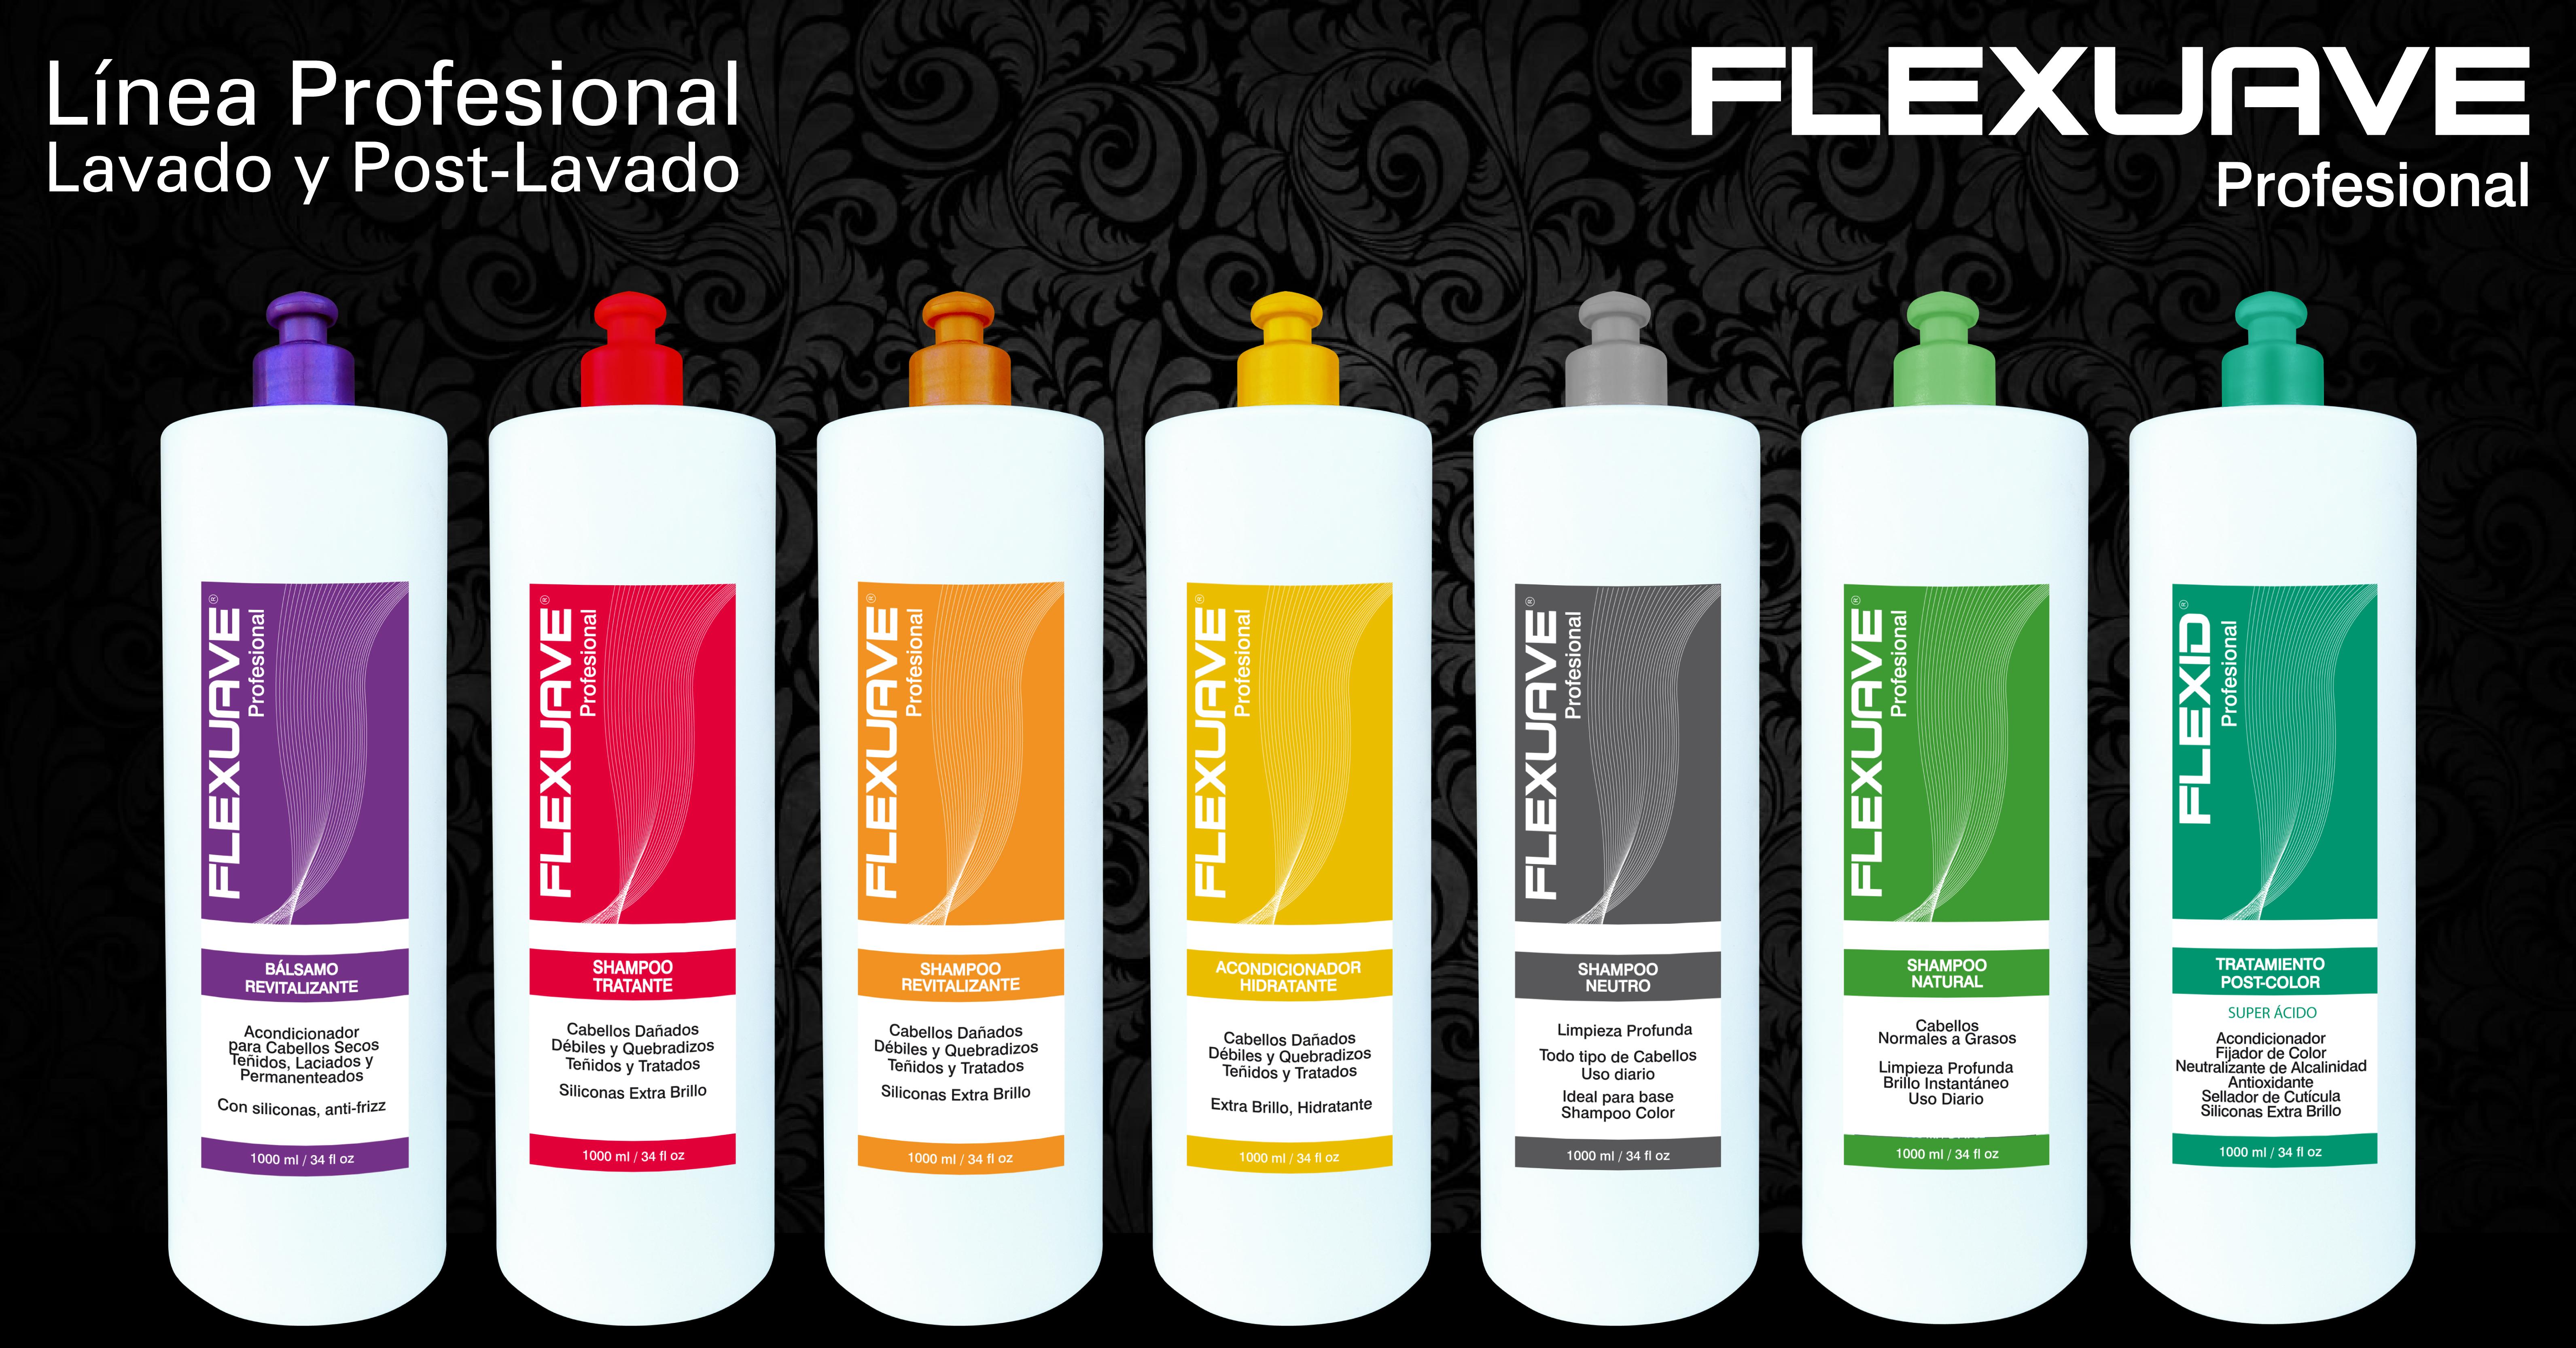 Shampoo & Acondicionadores Flexsuave